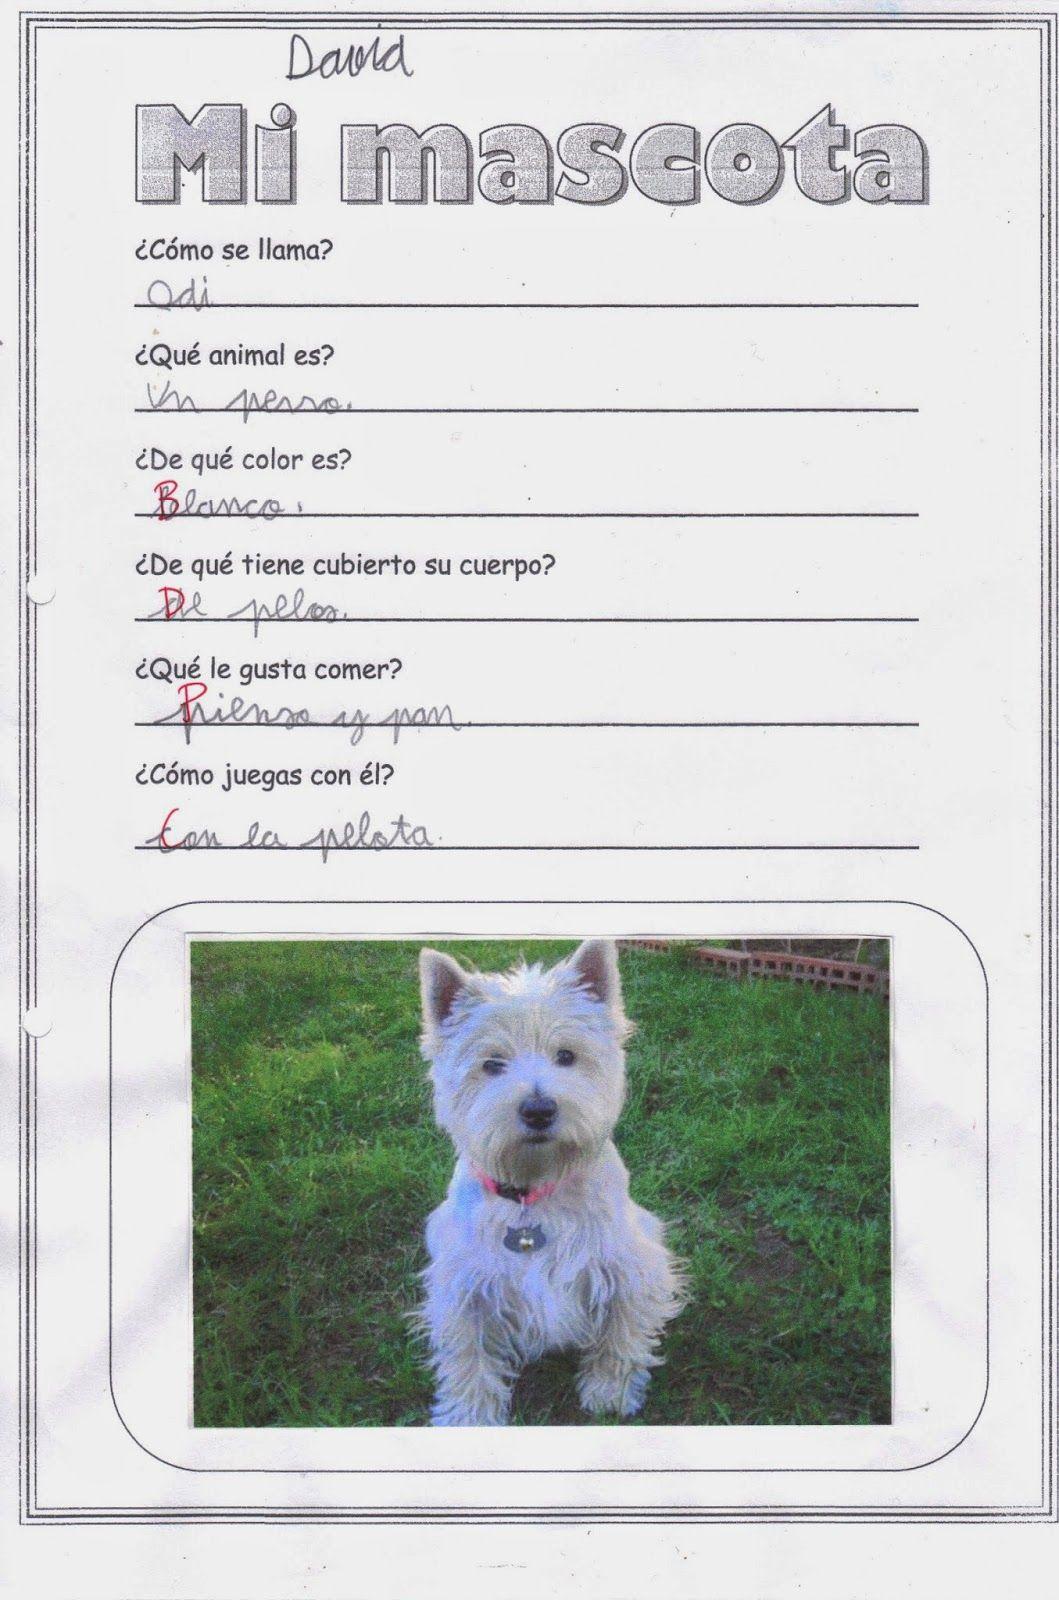 ficha sobre nuestras mascotas. Nos sirve para aprender a describir ...